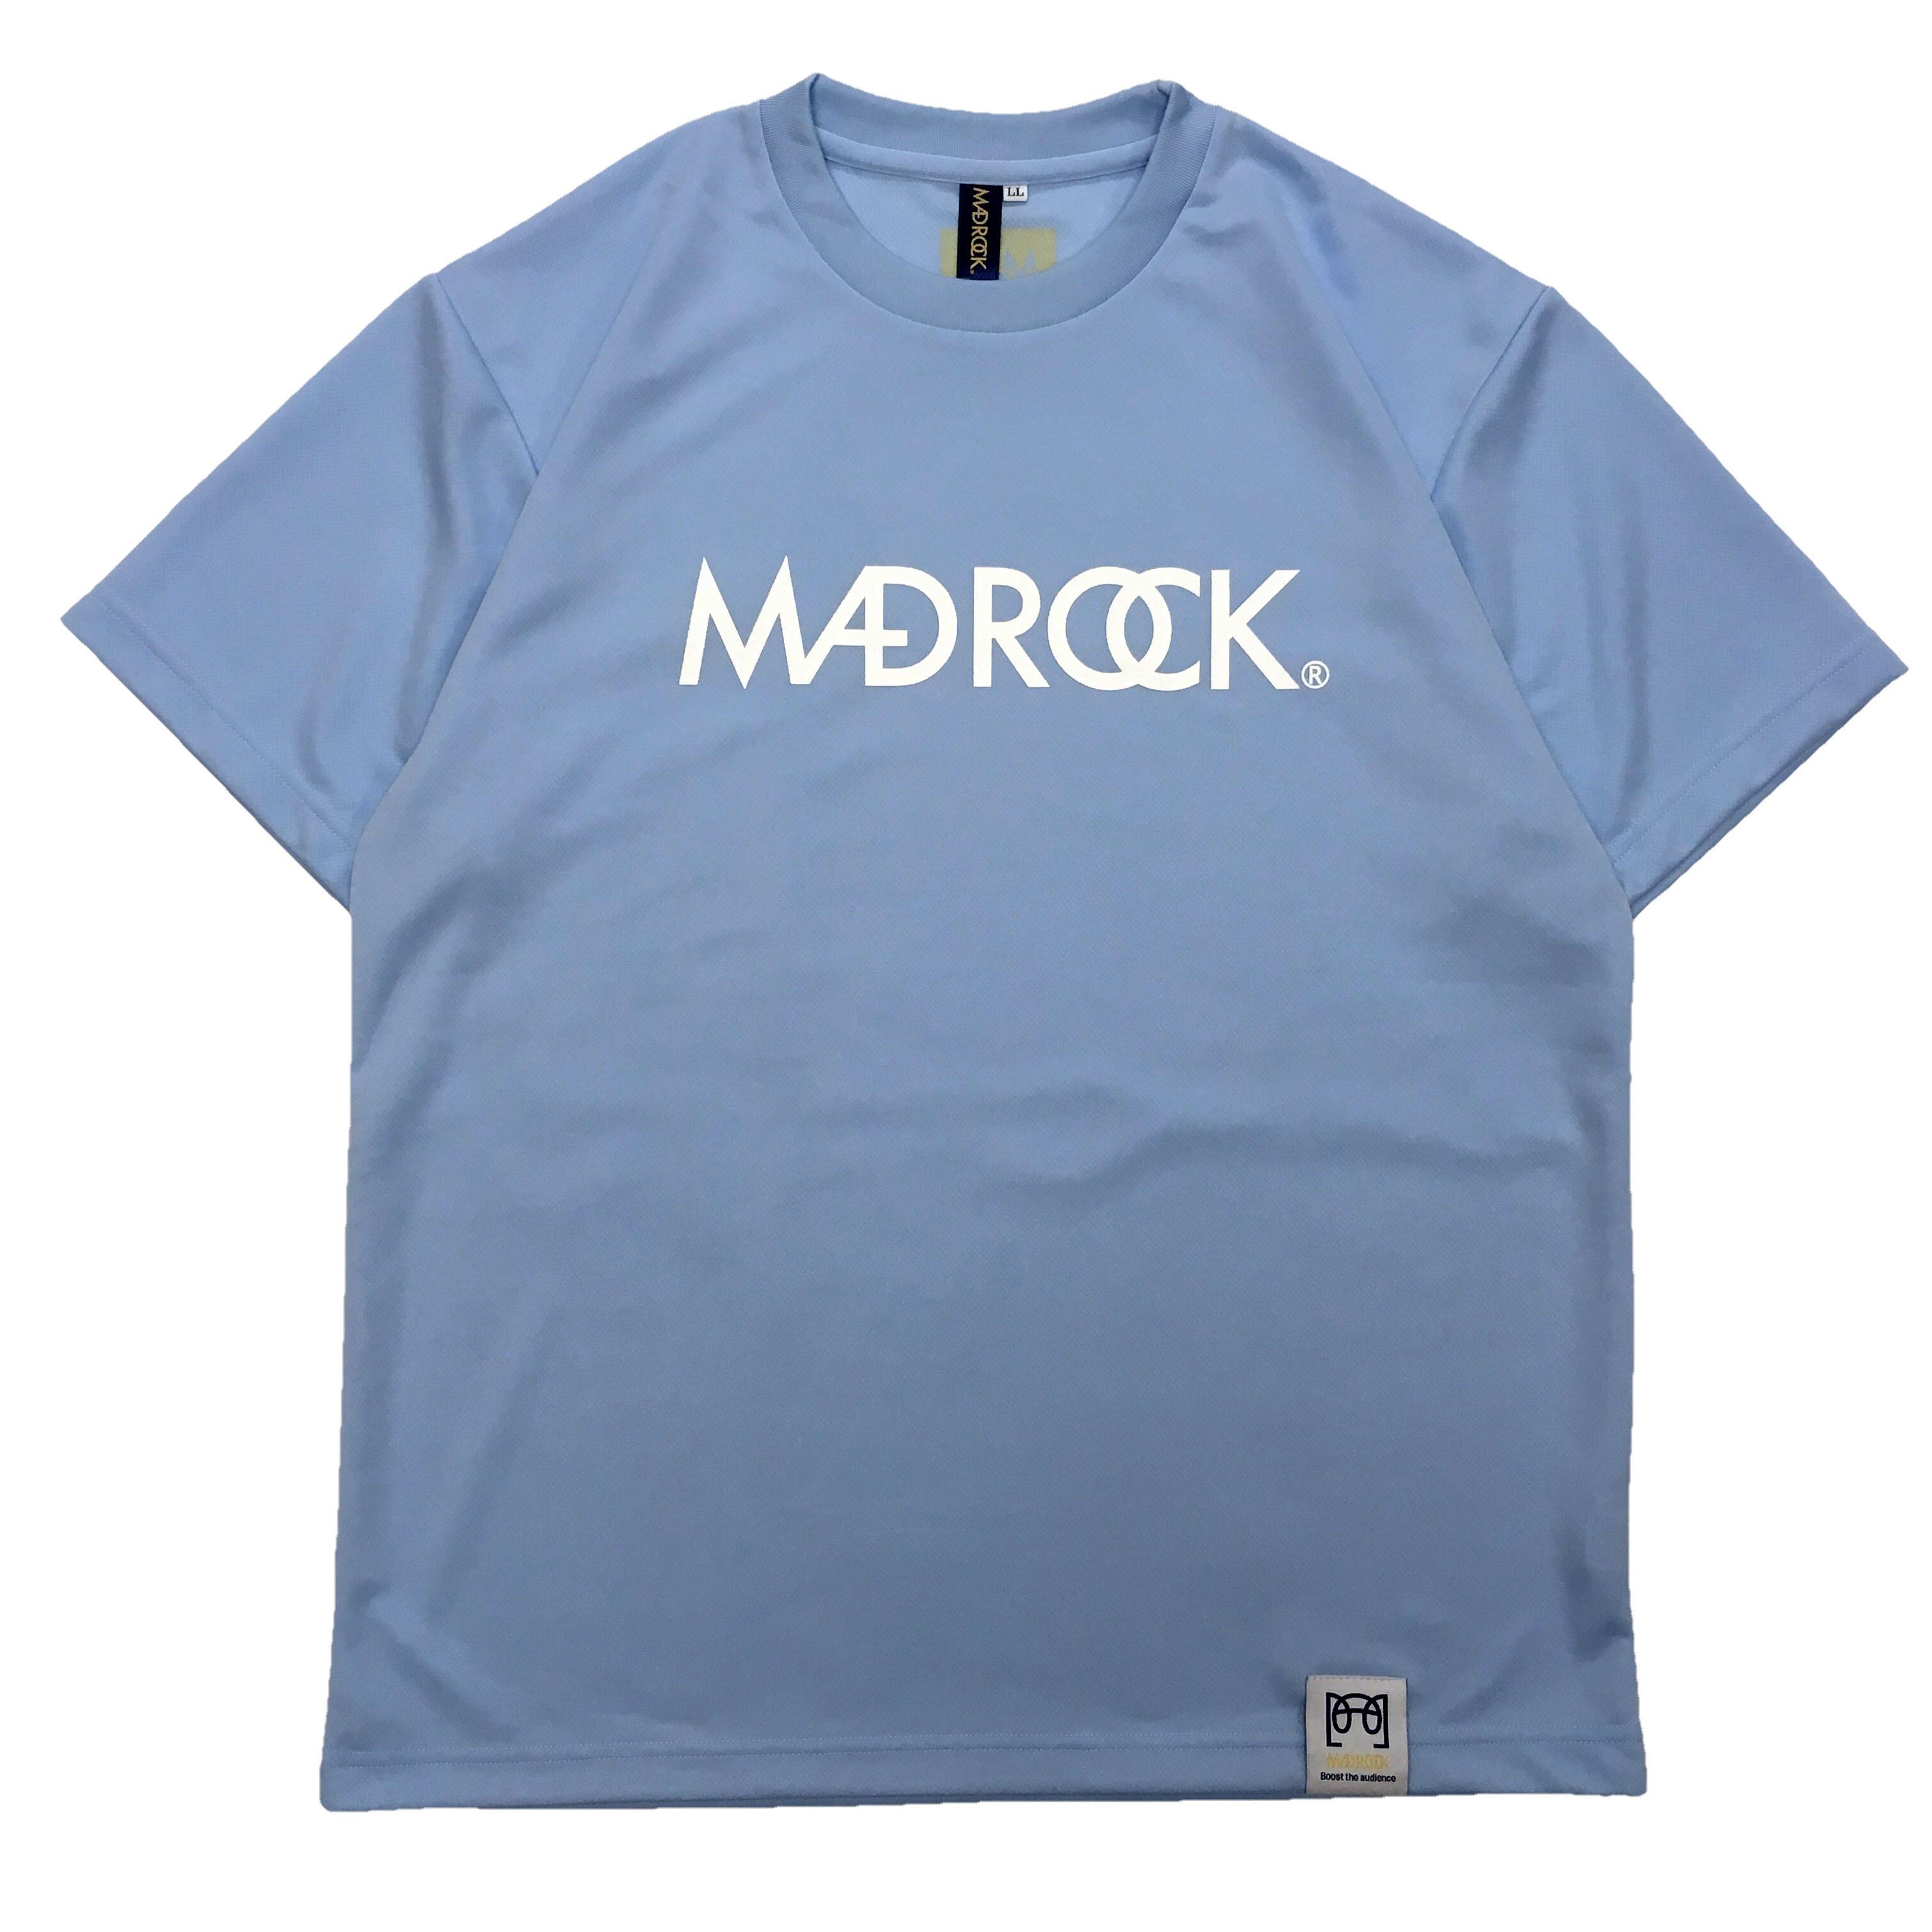 マッドロックロゴ Tシャツ/ドライタイプ/ライトブルー